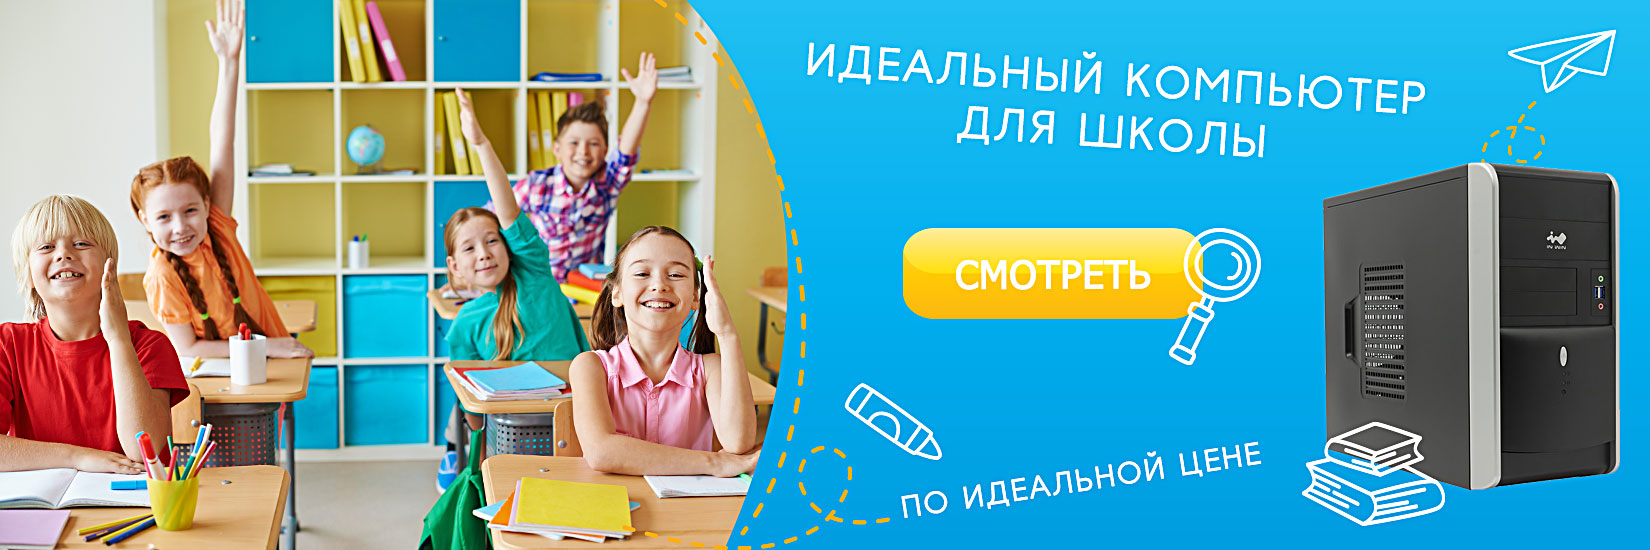 Выбирай компьютер для школы